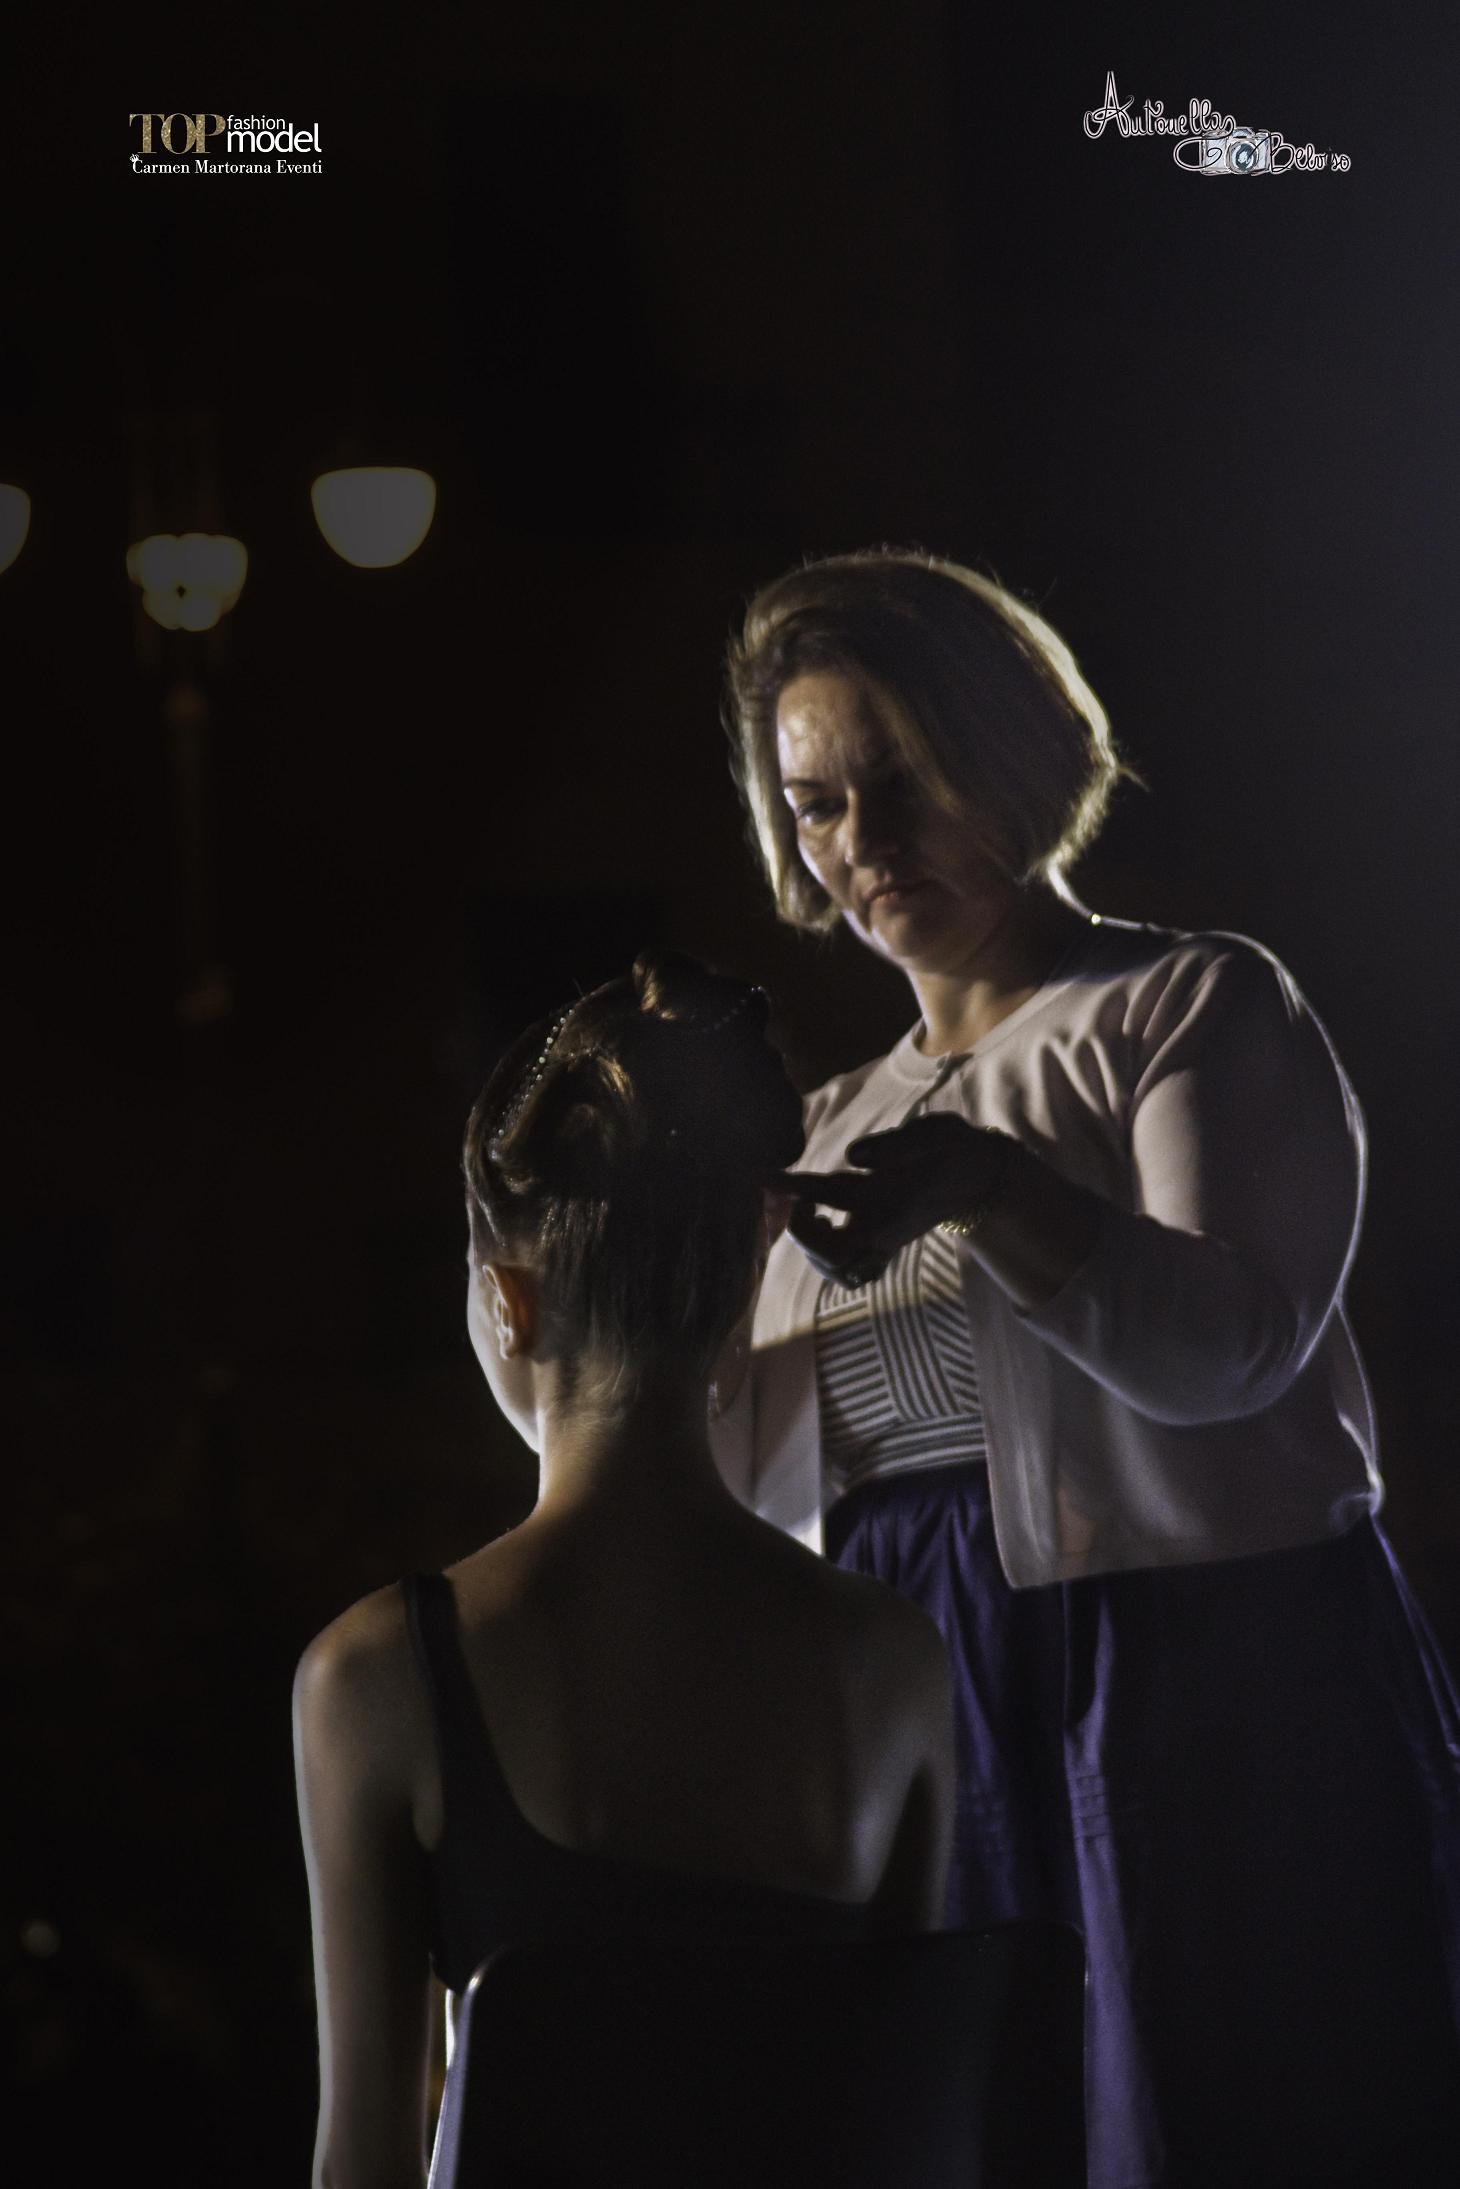 Anna Maria Ludovico, Make Your Style, Parrucchiere, Gioia del Colle